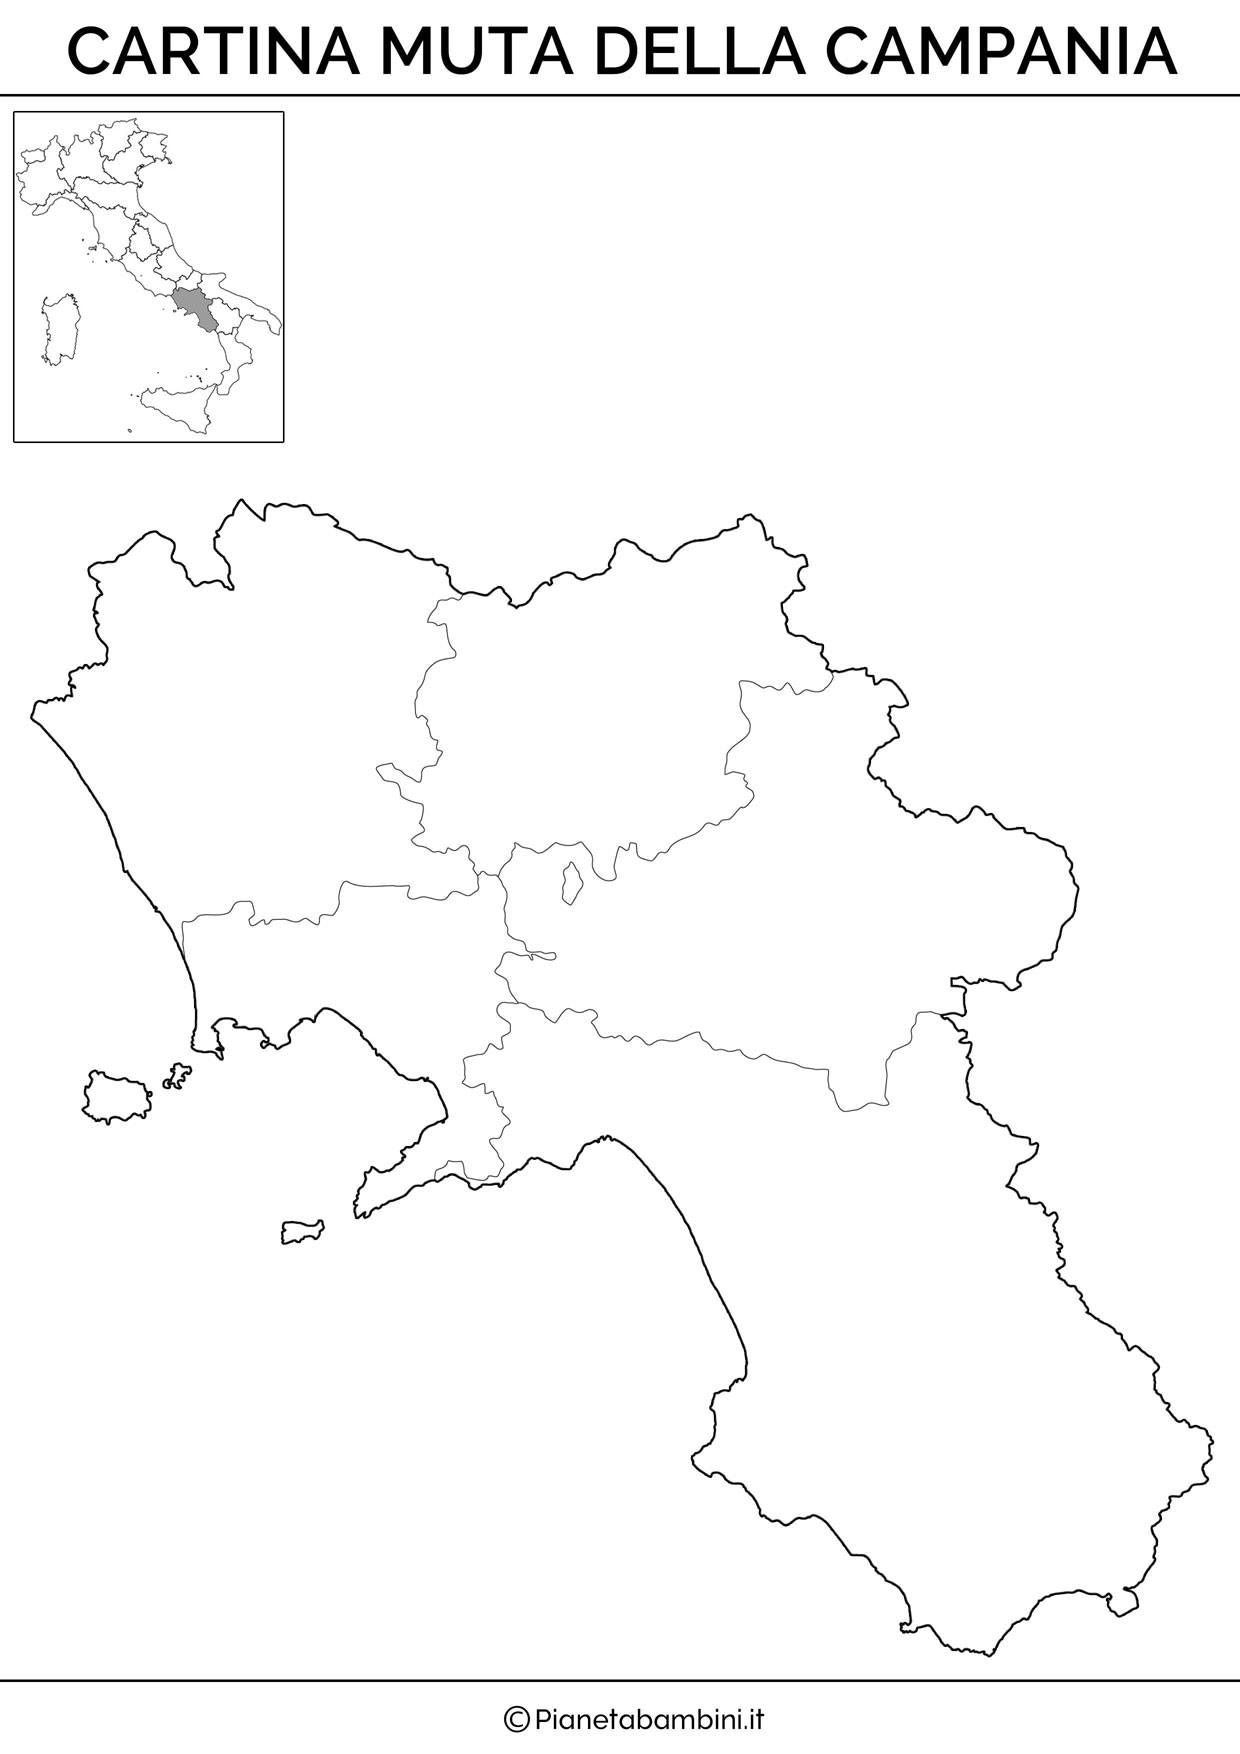 Cartina Della Campania Da Colorare Pieterduisenberg